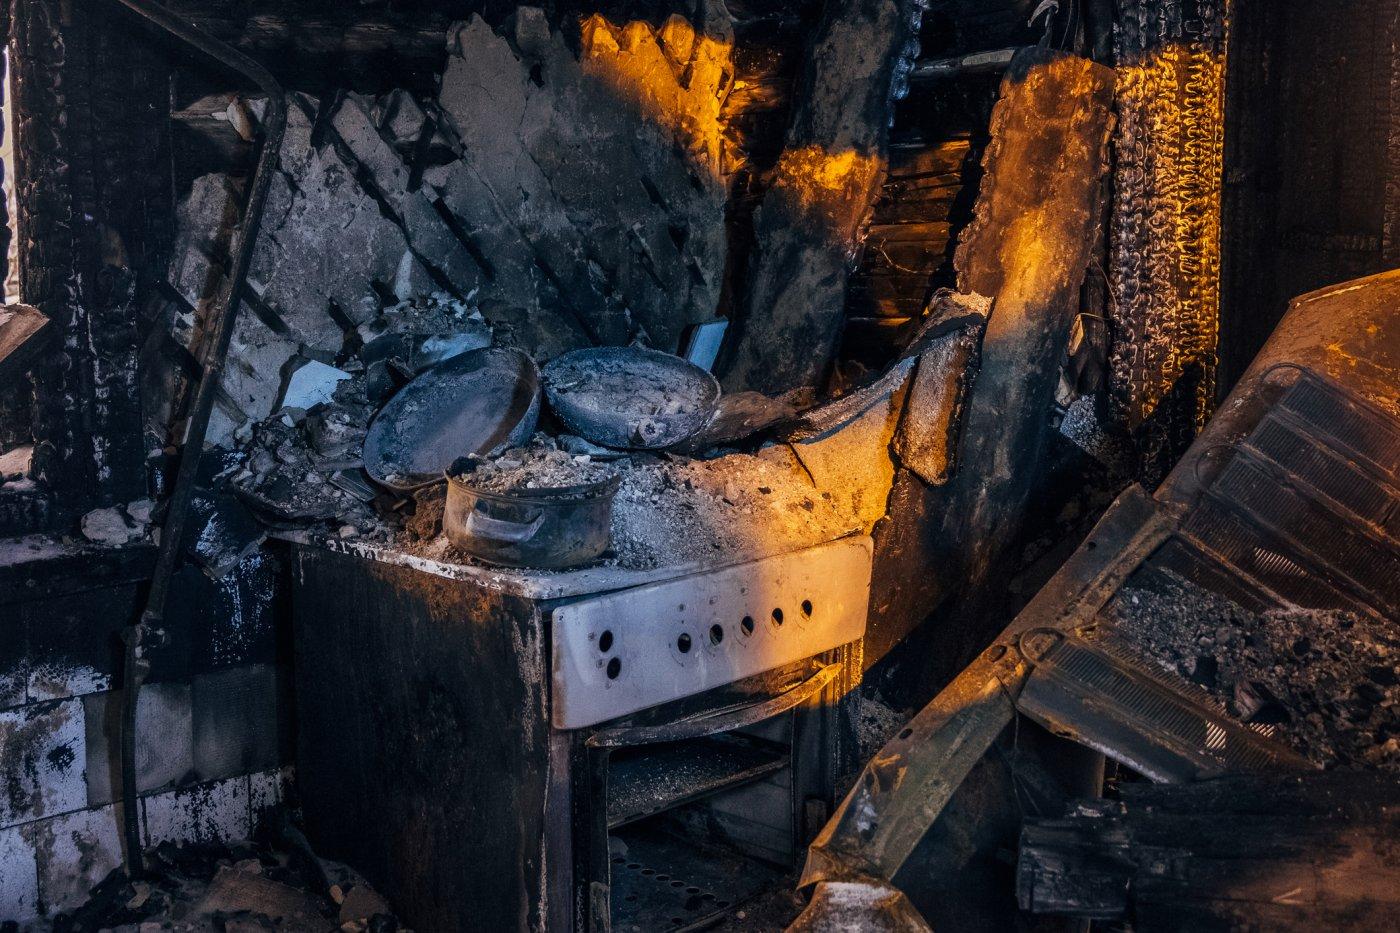 helt svart kjøkken som følge av brann